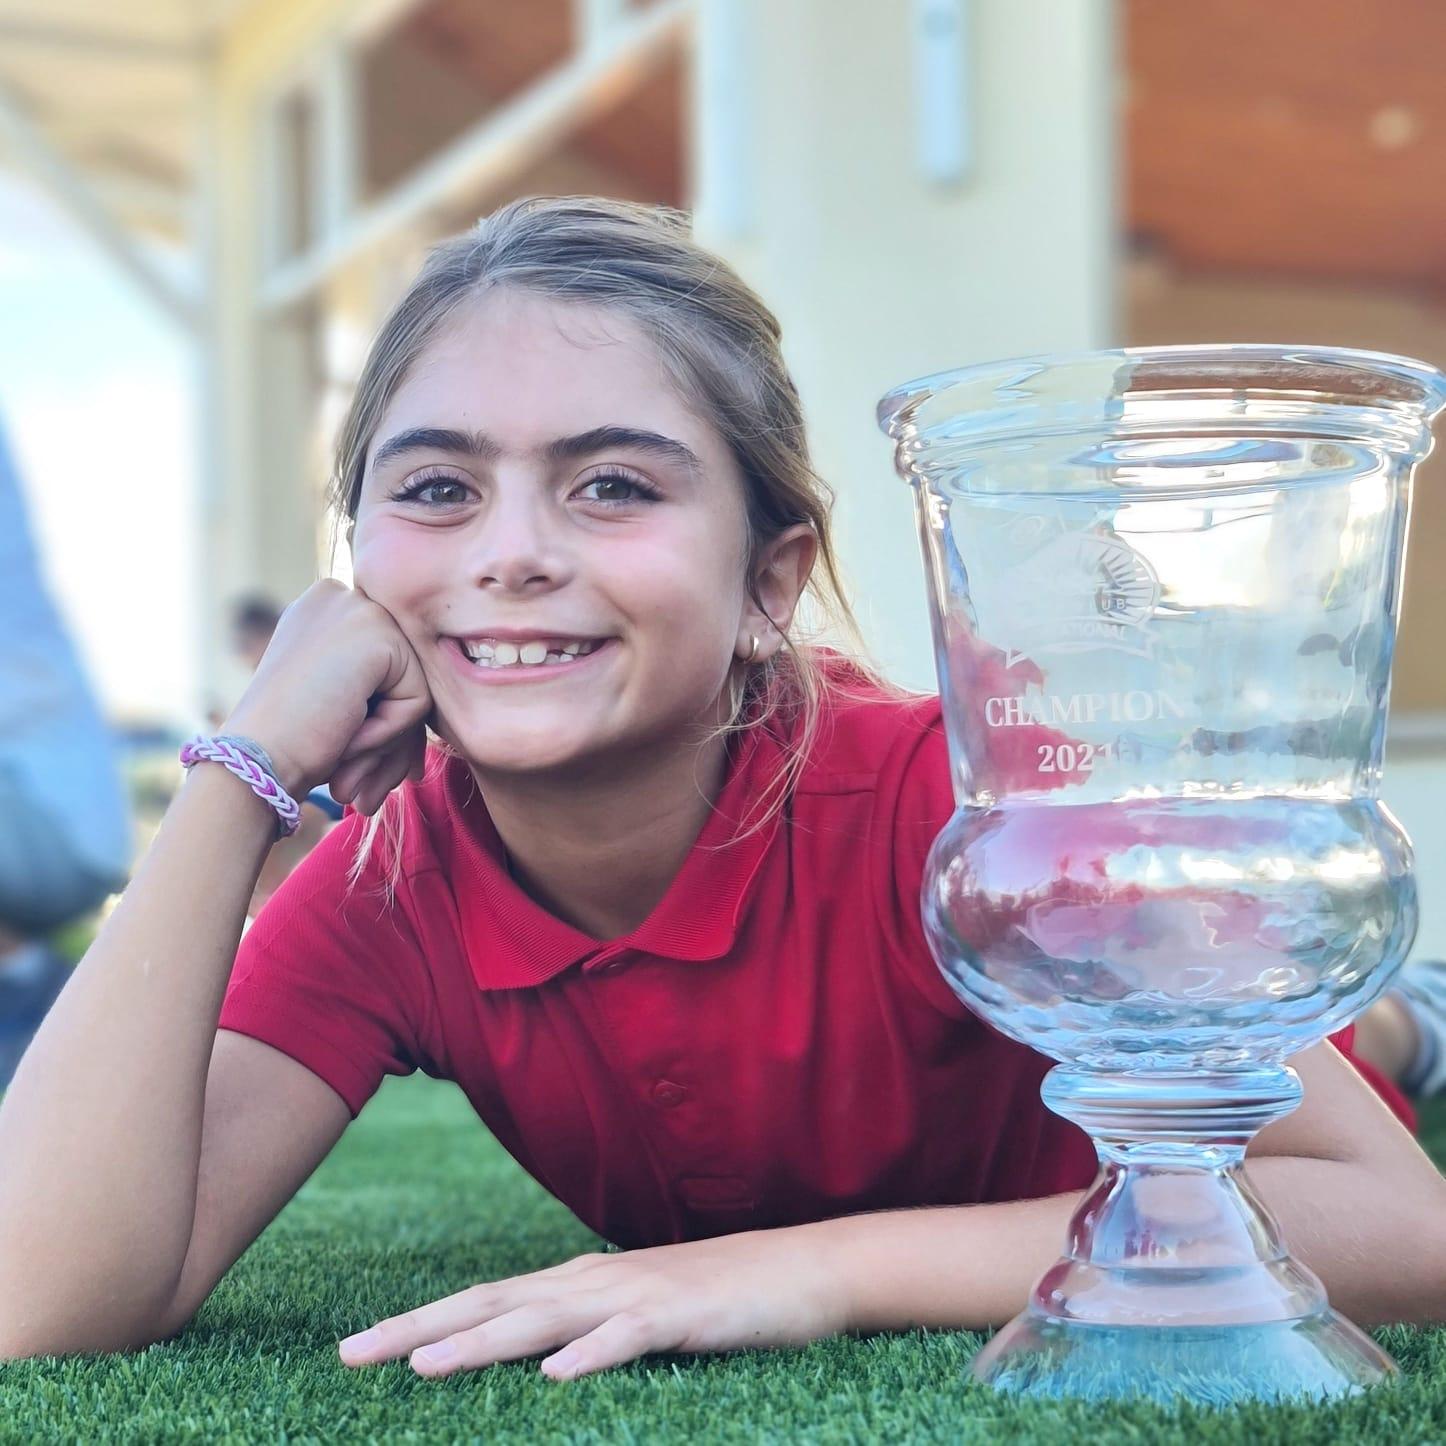 A jovem Bella Simões, 8 anos, vence mais um torneio nos Estados Unidos